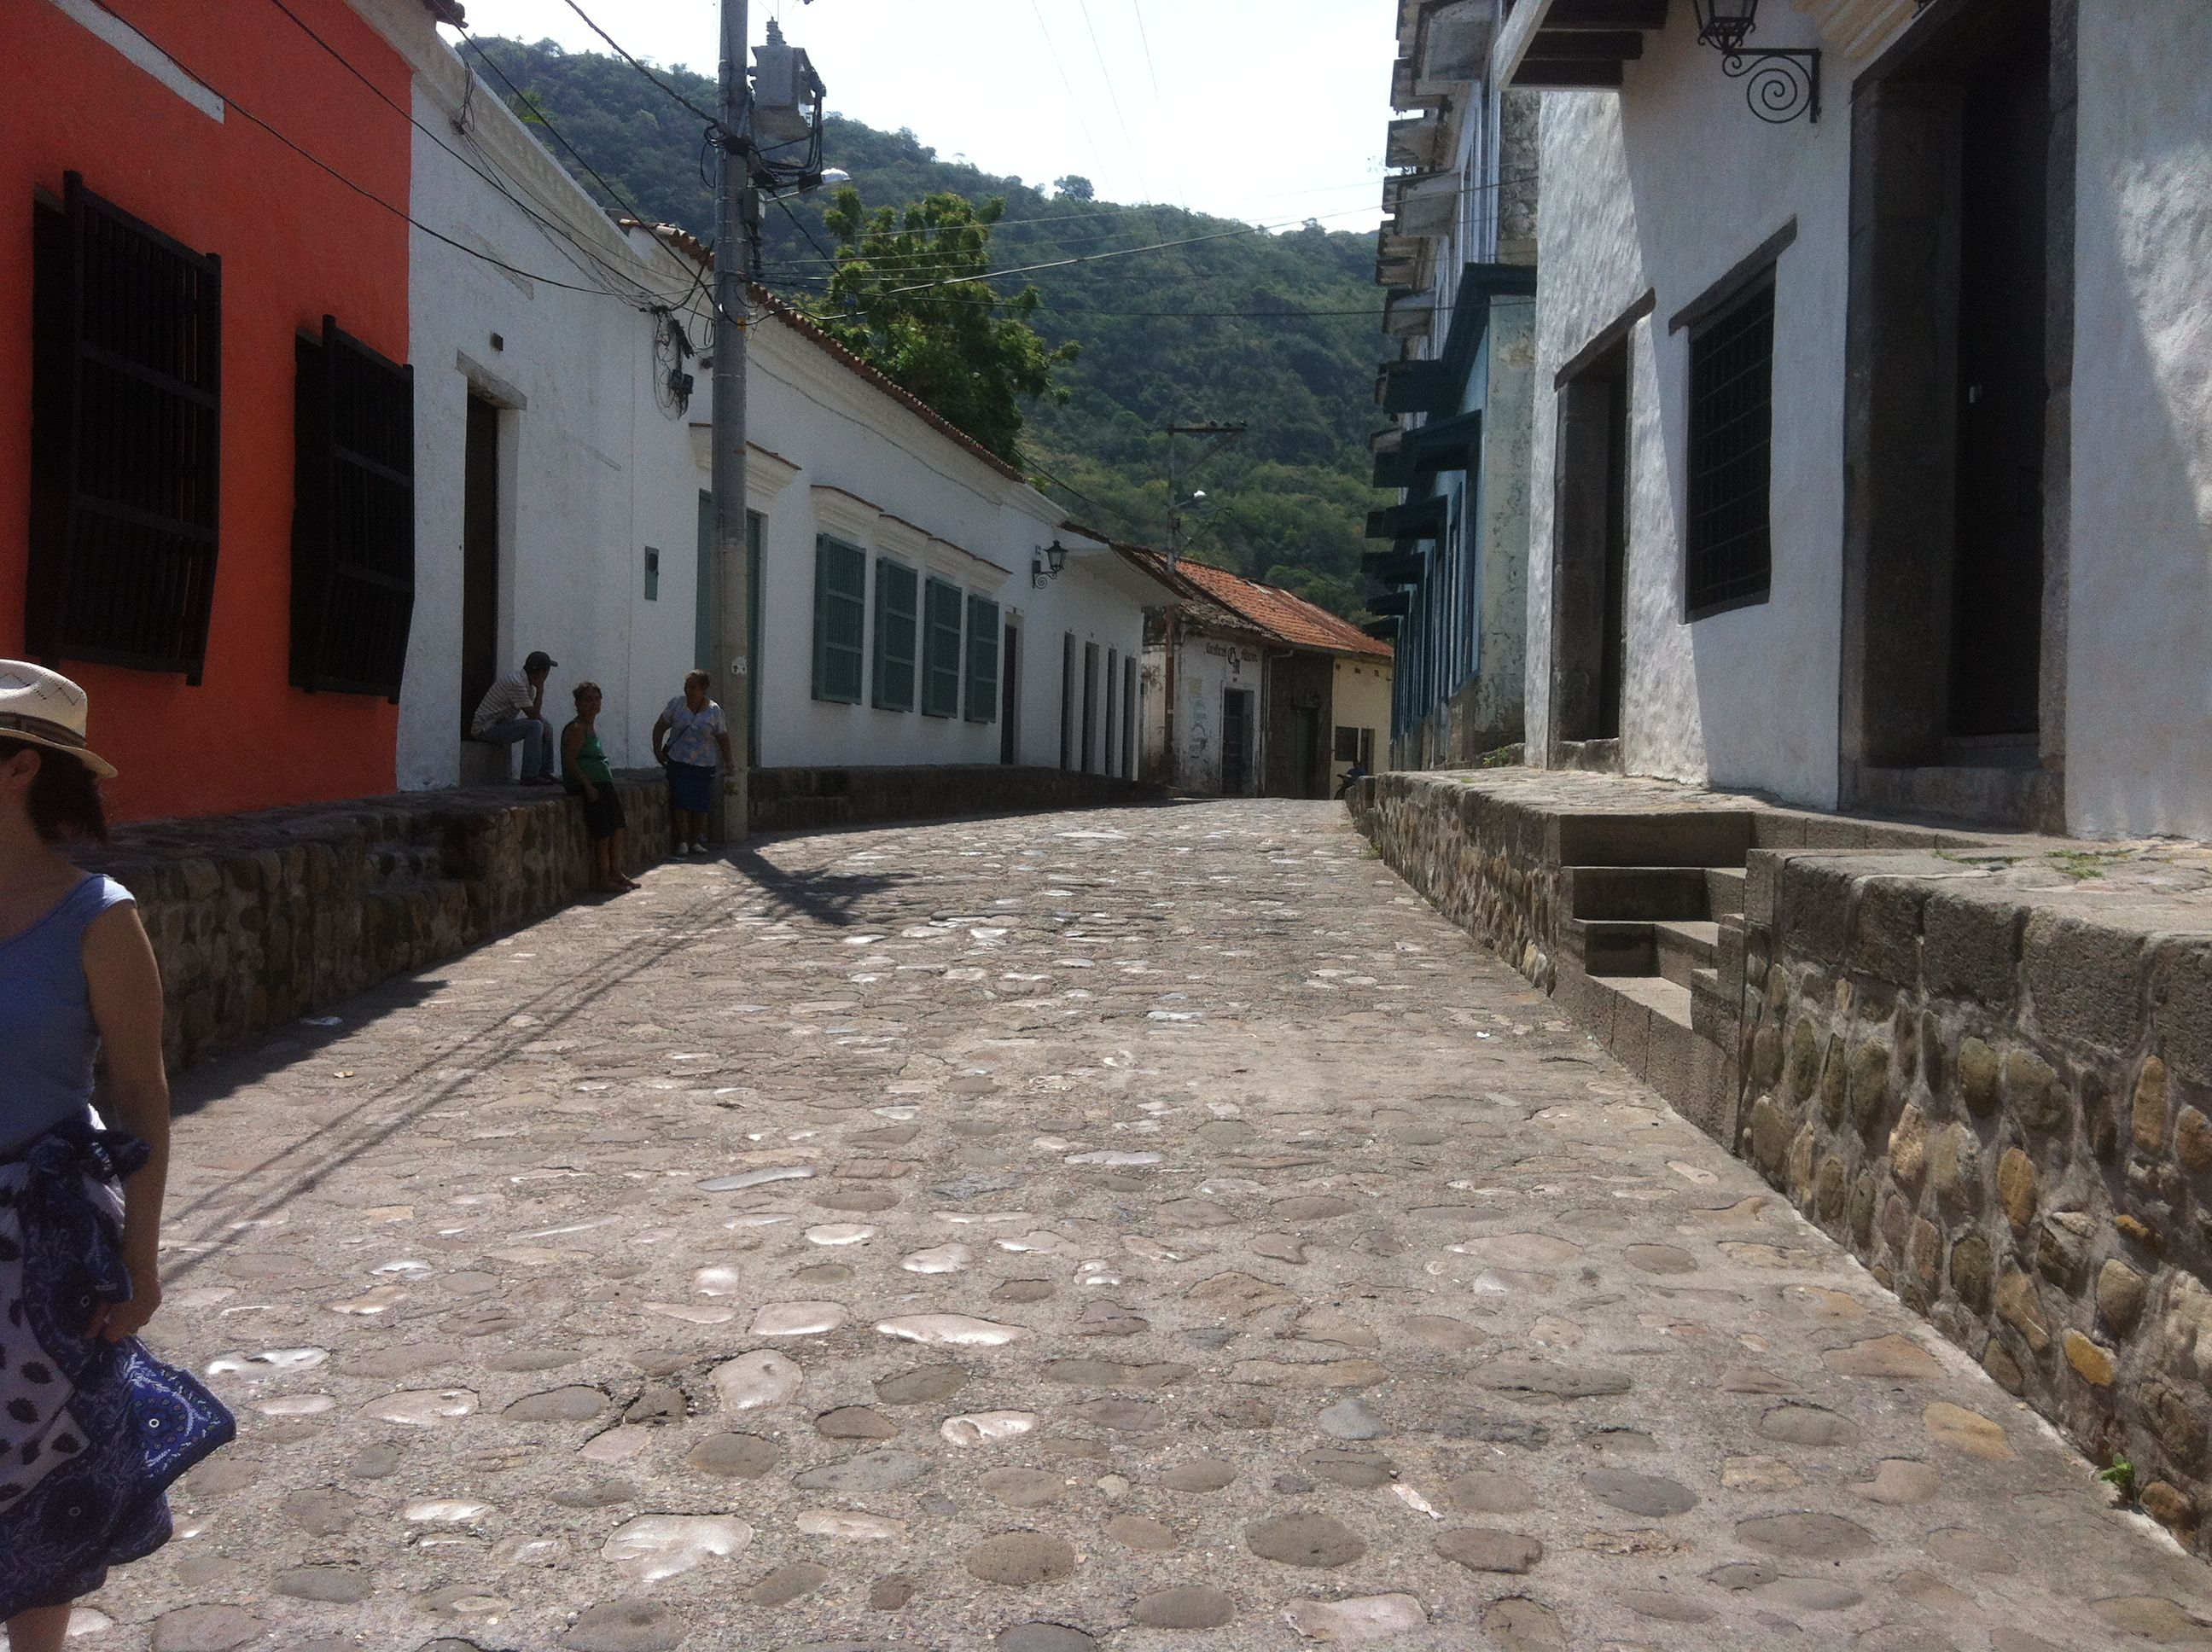 Calle y muro de piedra Honda Tolima